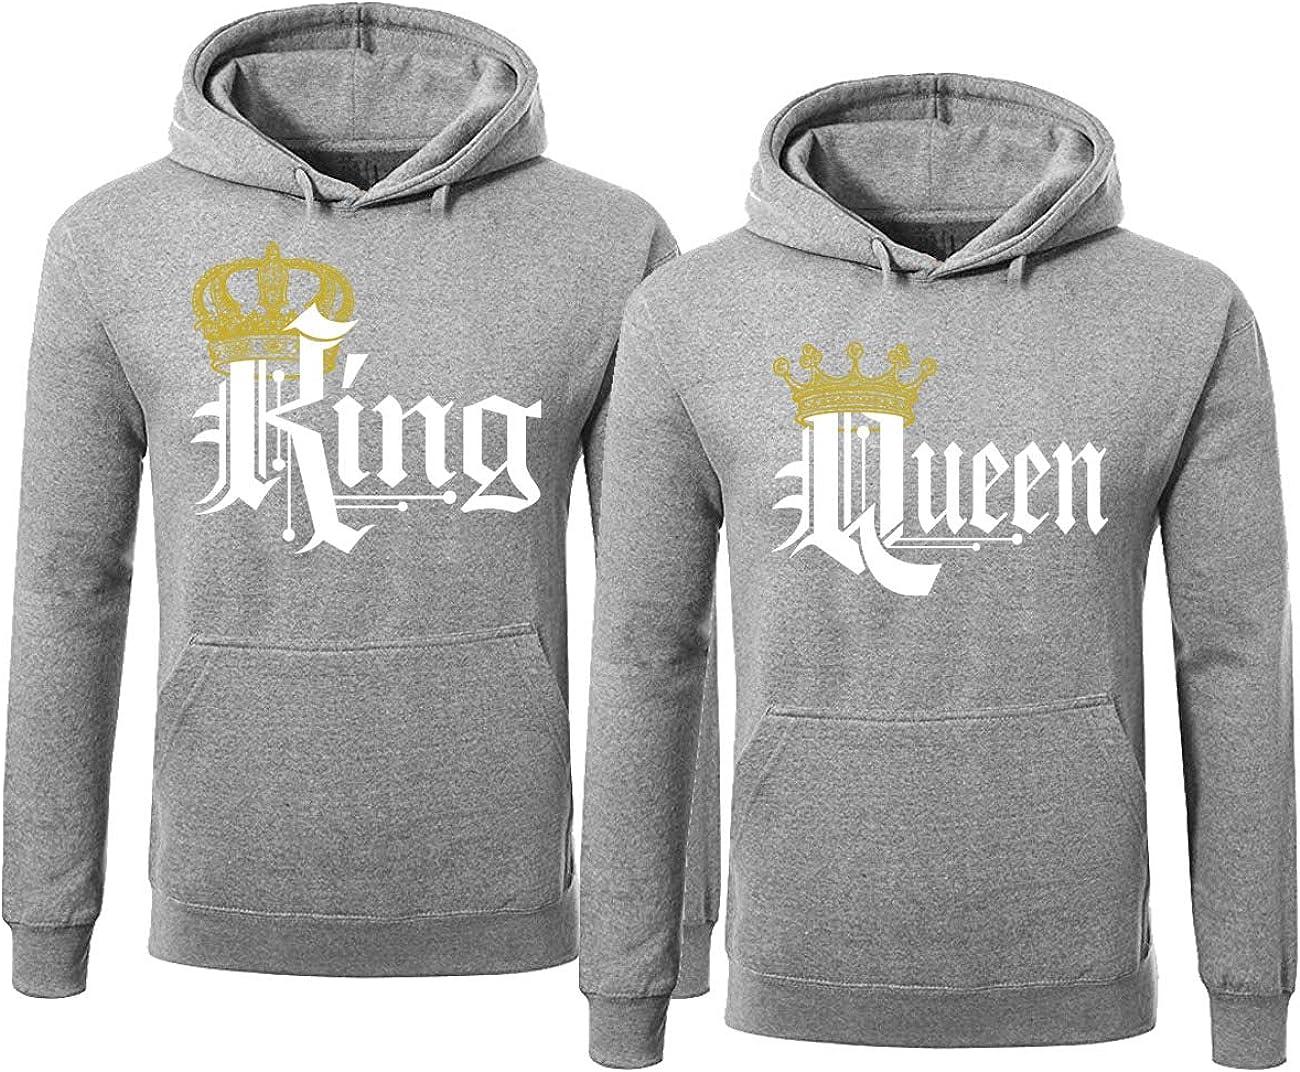 Men Women Hoodies Jumper Hooded Top King Queen Crown Couples Unisex Sweatshirts